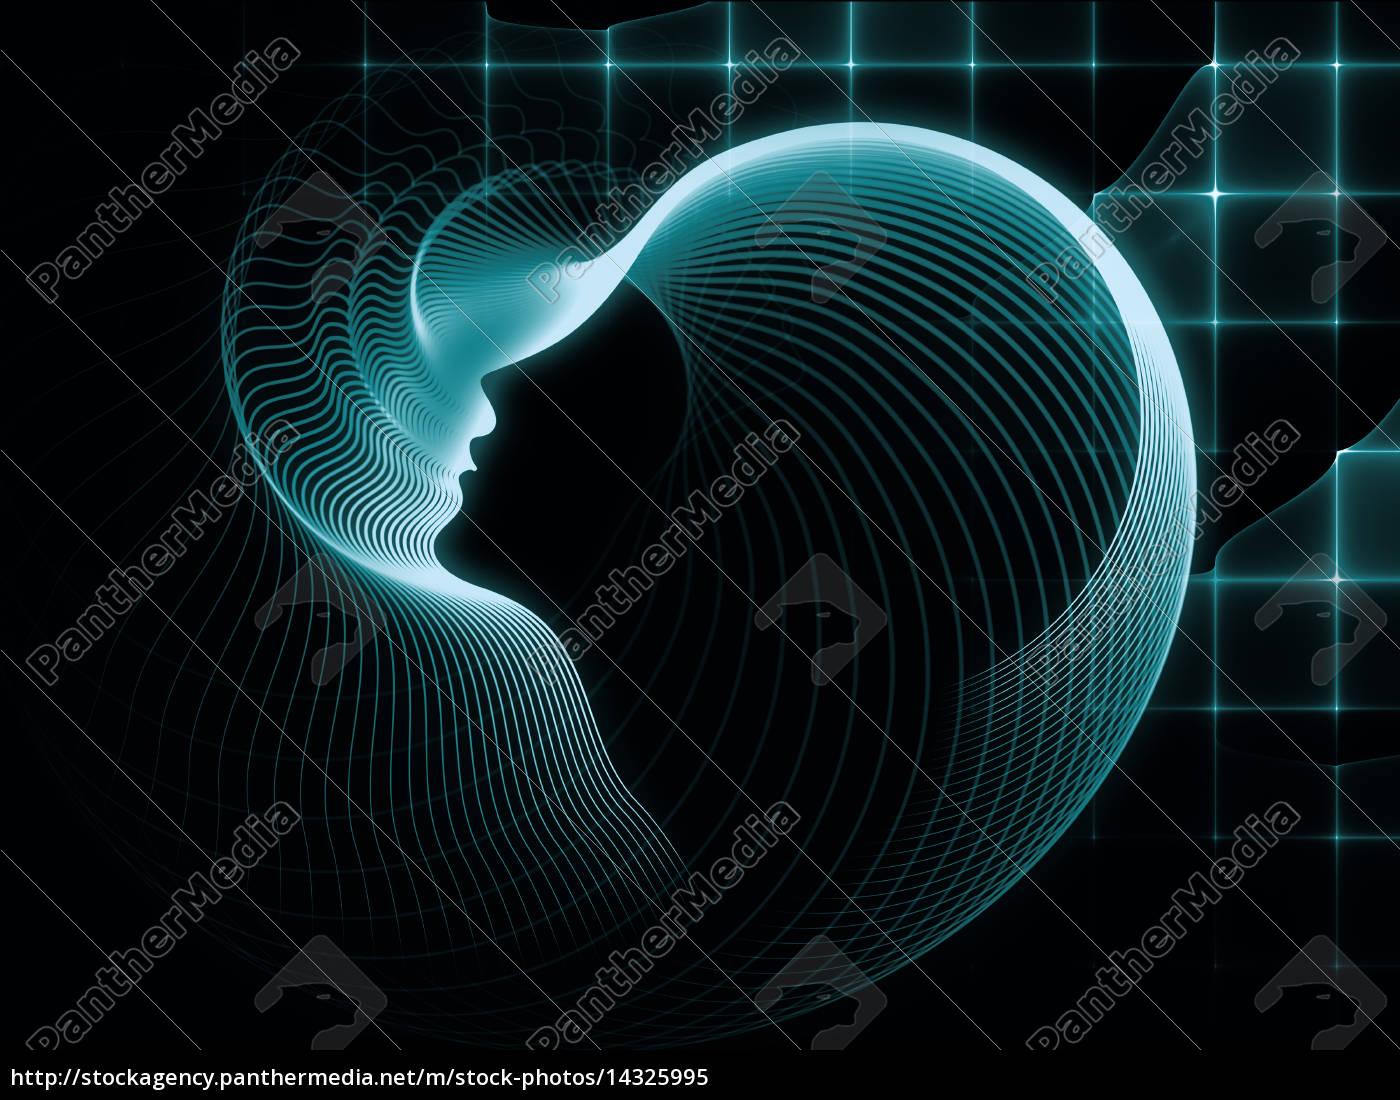 die, fortsetzung, der, seelengeometrie - 14325995